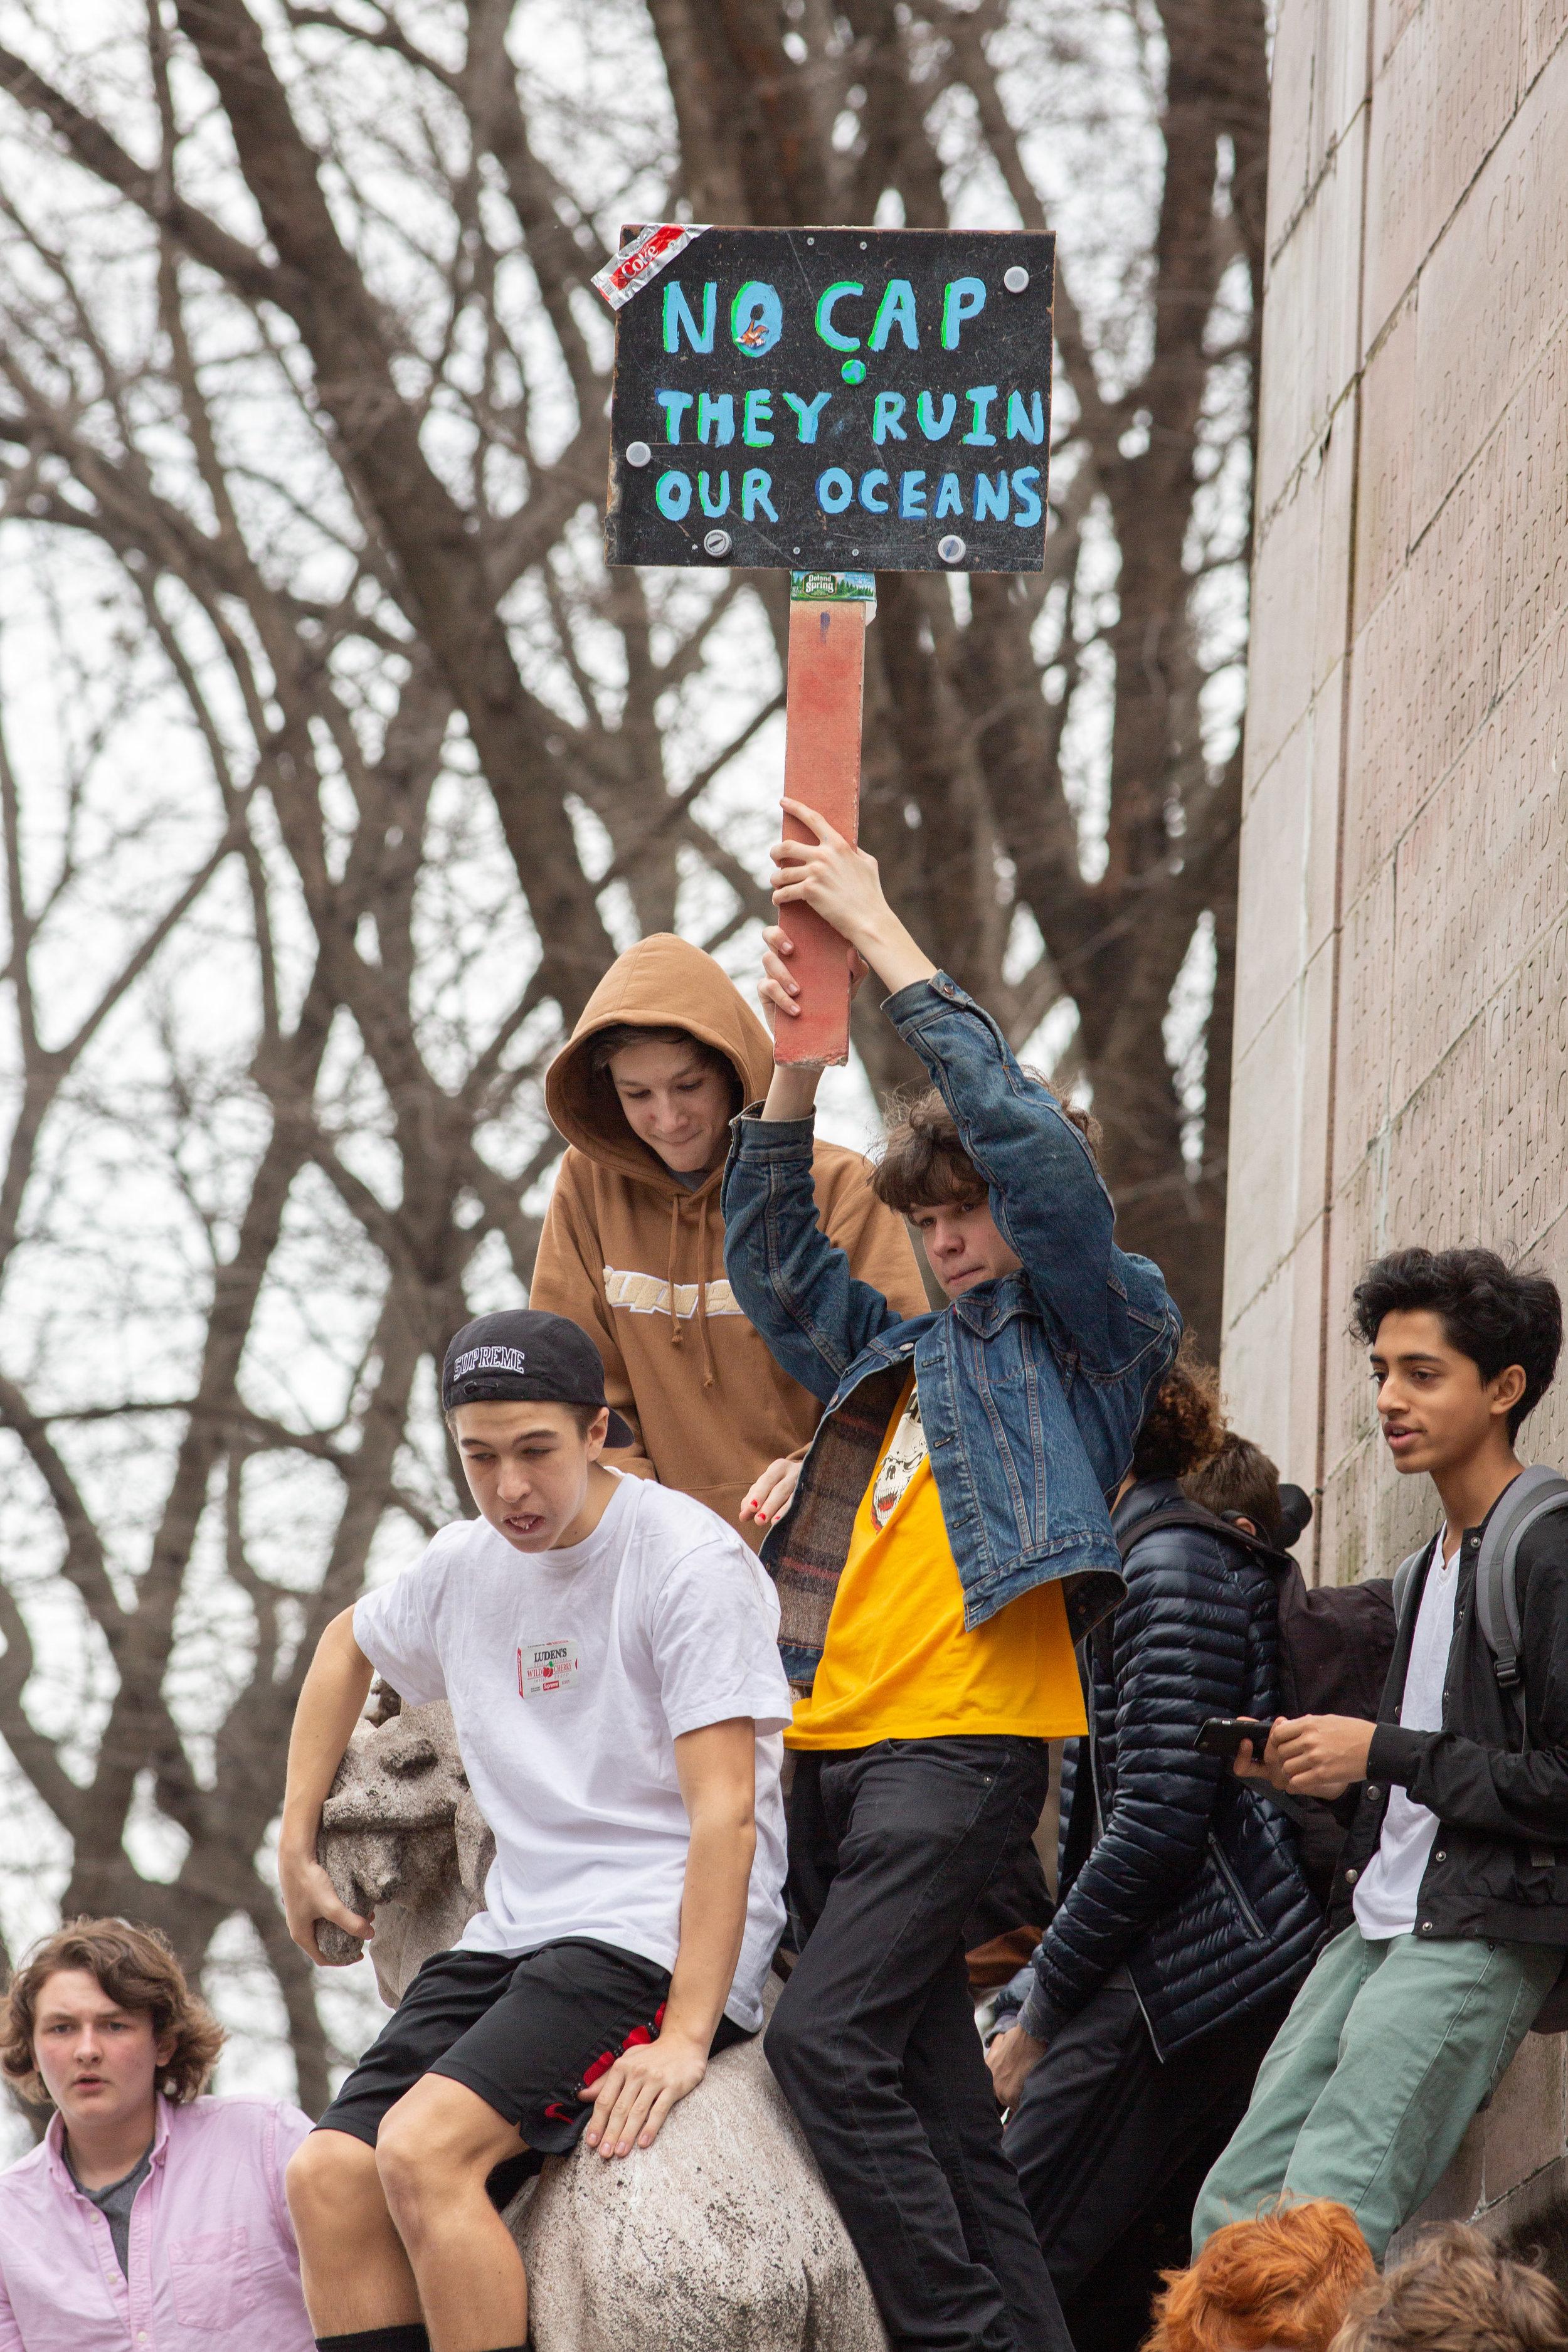 3.15.19_YouthClimateStrike_NYC_ColumbusCircle-19.jpg